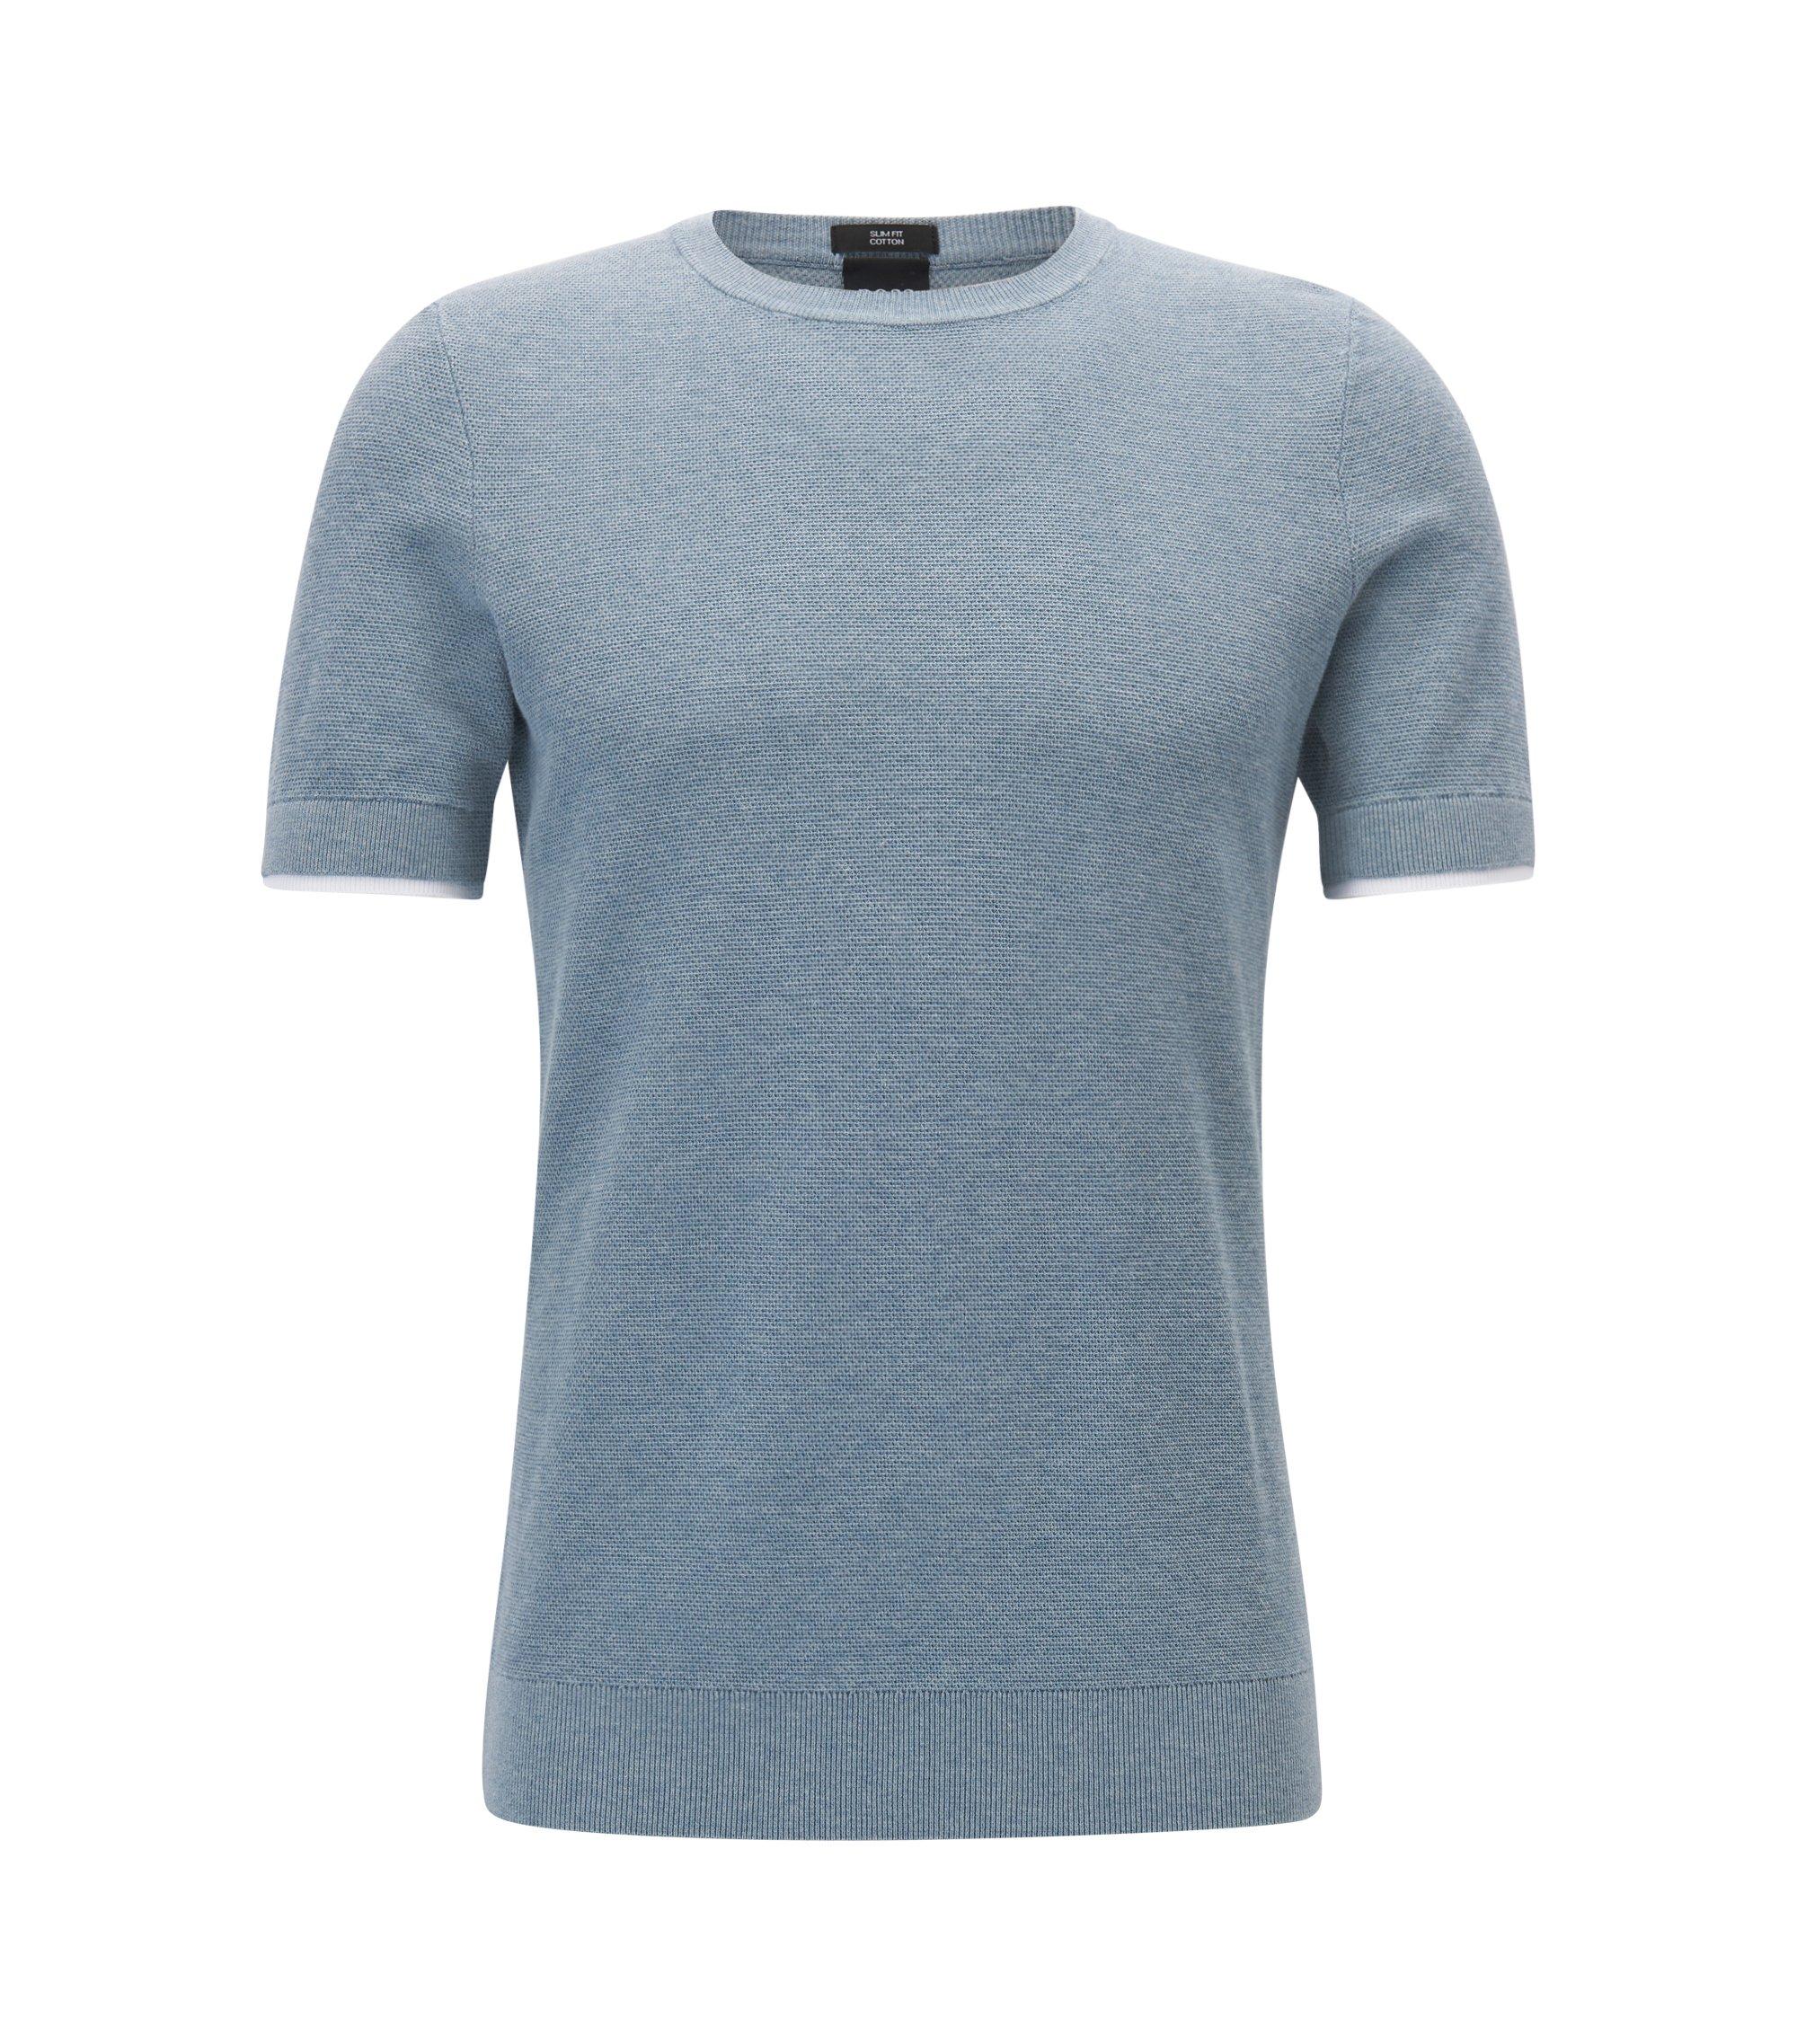 Strickpullover aus Baumwolle mit kurzen Ärmeln, Grau